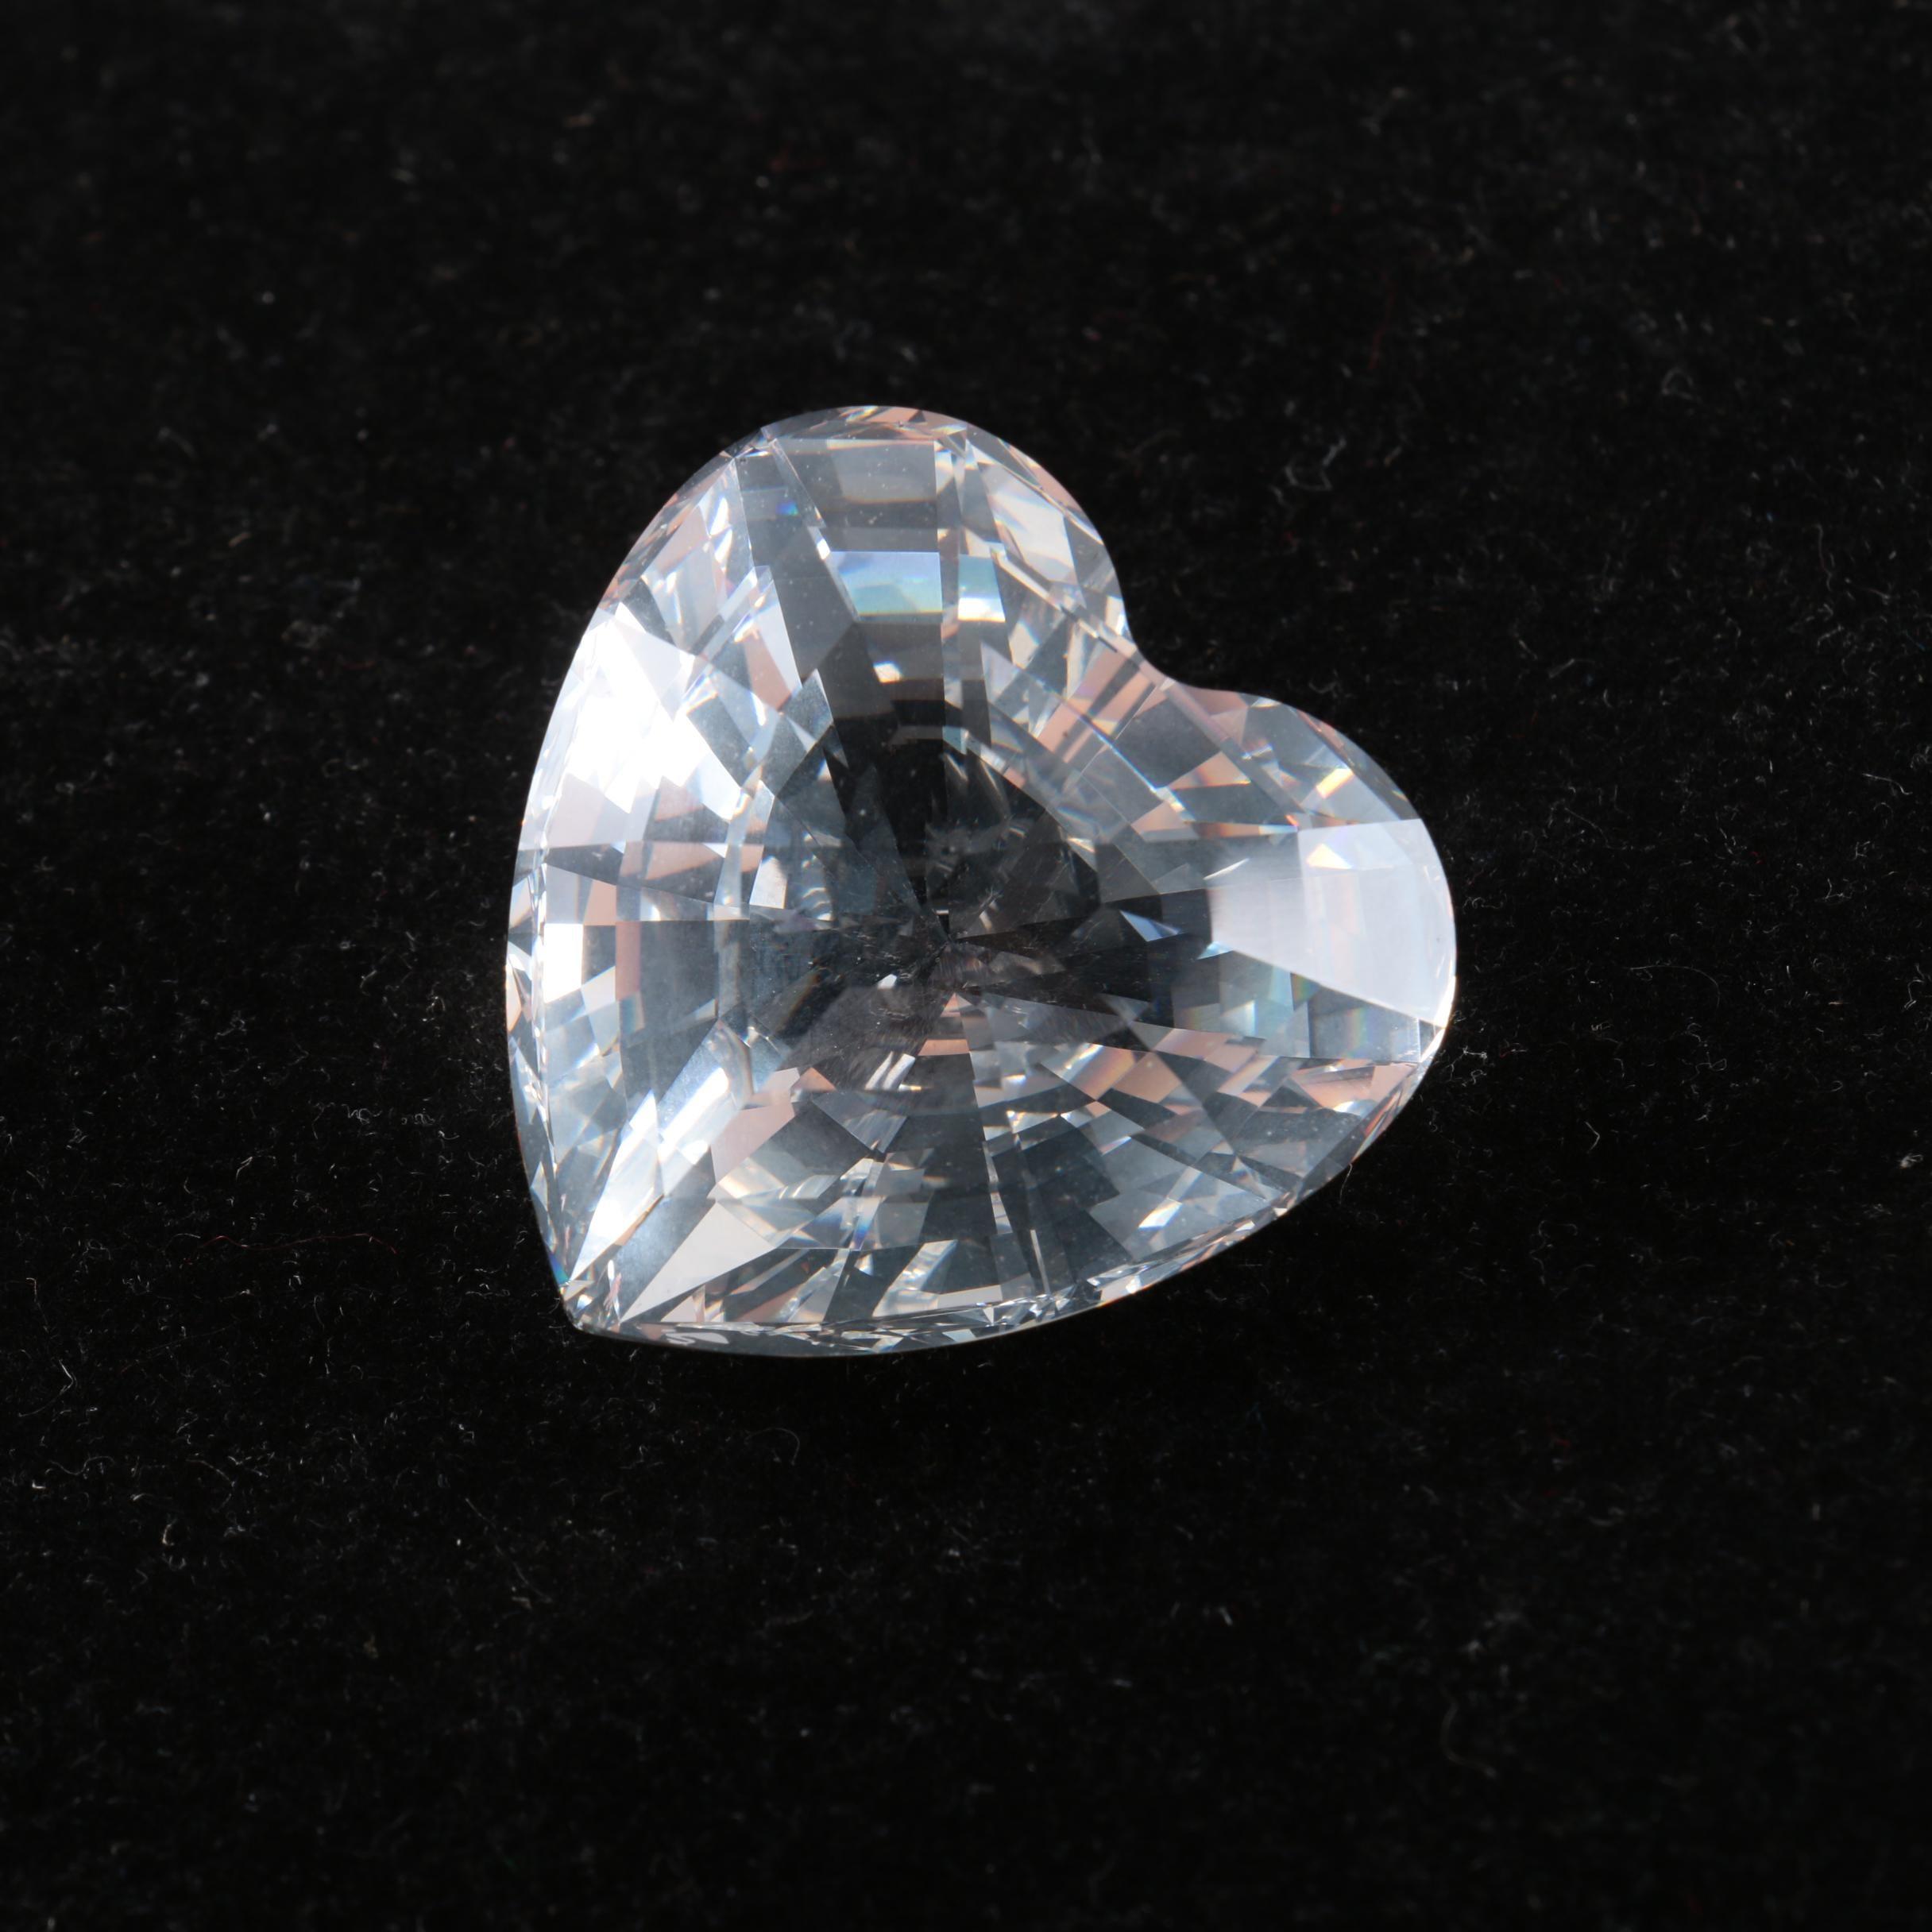 Swarovski Crystal Heart Figurine